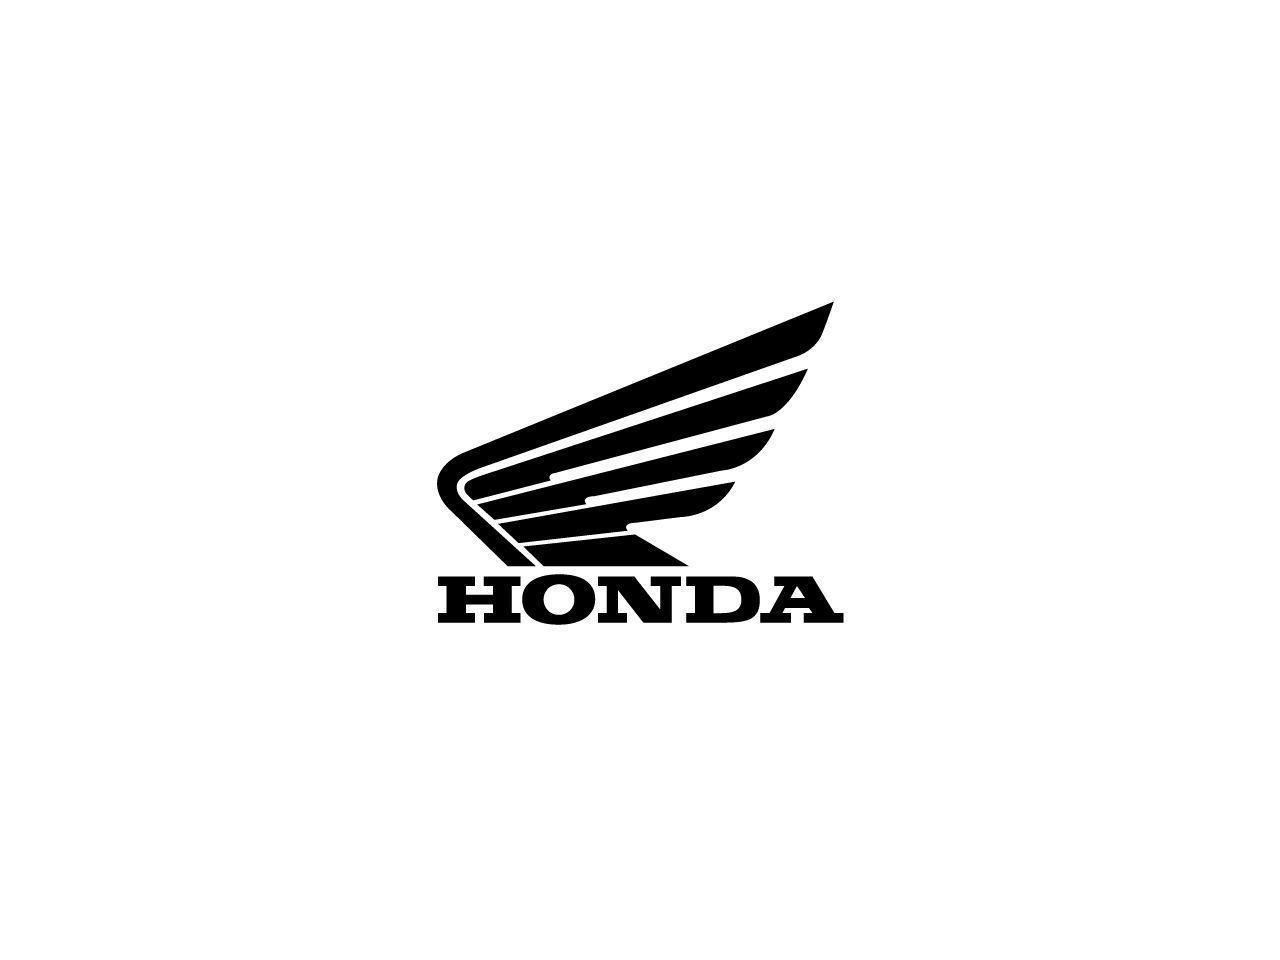 Honda Logo Wallpaper 4768 Hd Wallpapers in Logos - Imagesci.com